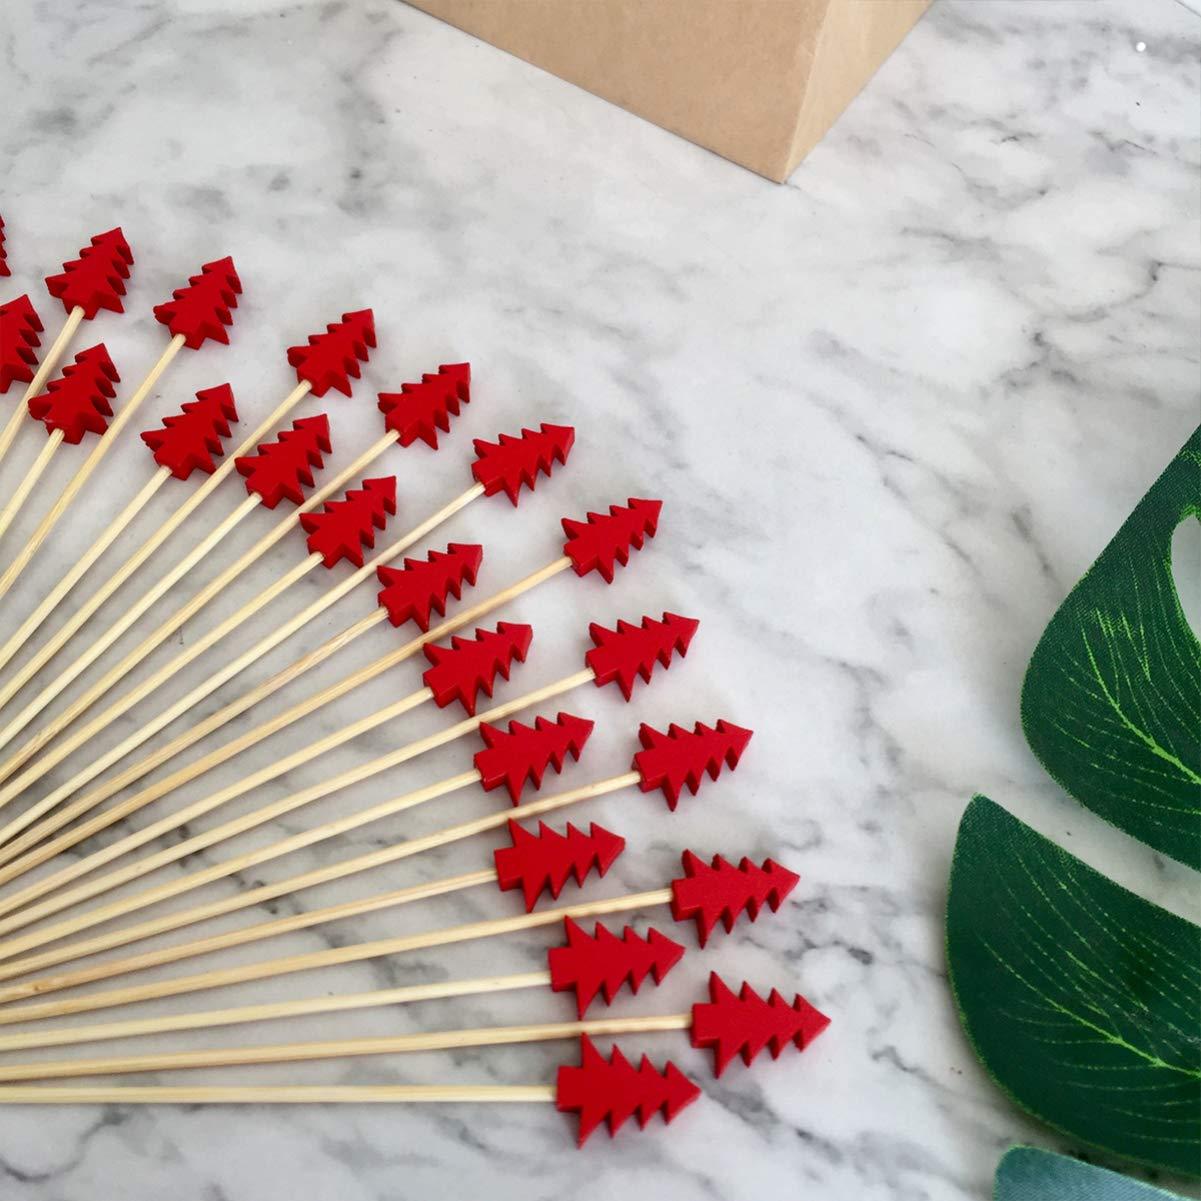 UPKOCH 100 piezas de c/ócteles de navidad palillos de aperitivo de bamb/ú palitos de c/óctel de frutas con cuentas suministros para fiestas